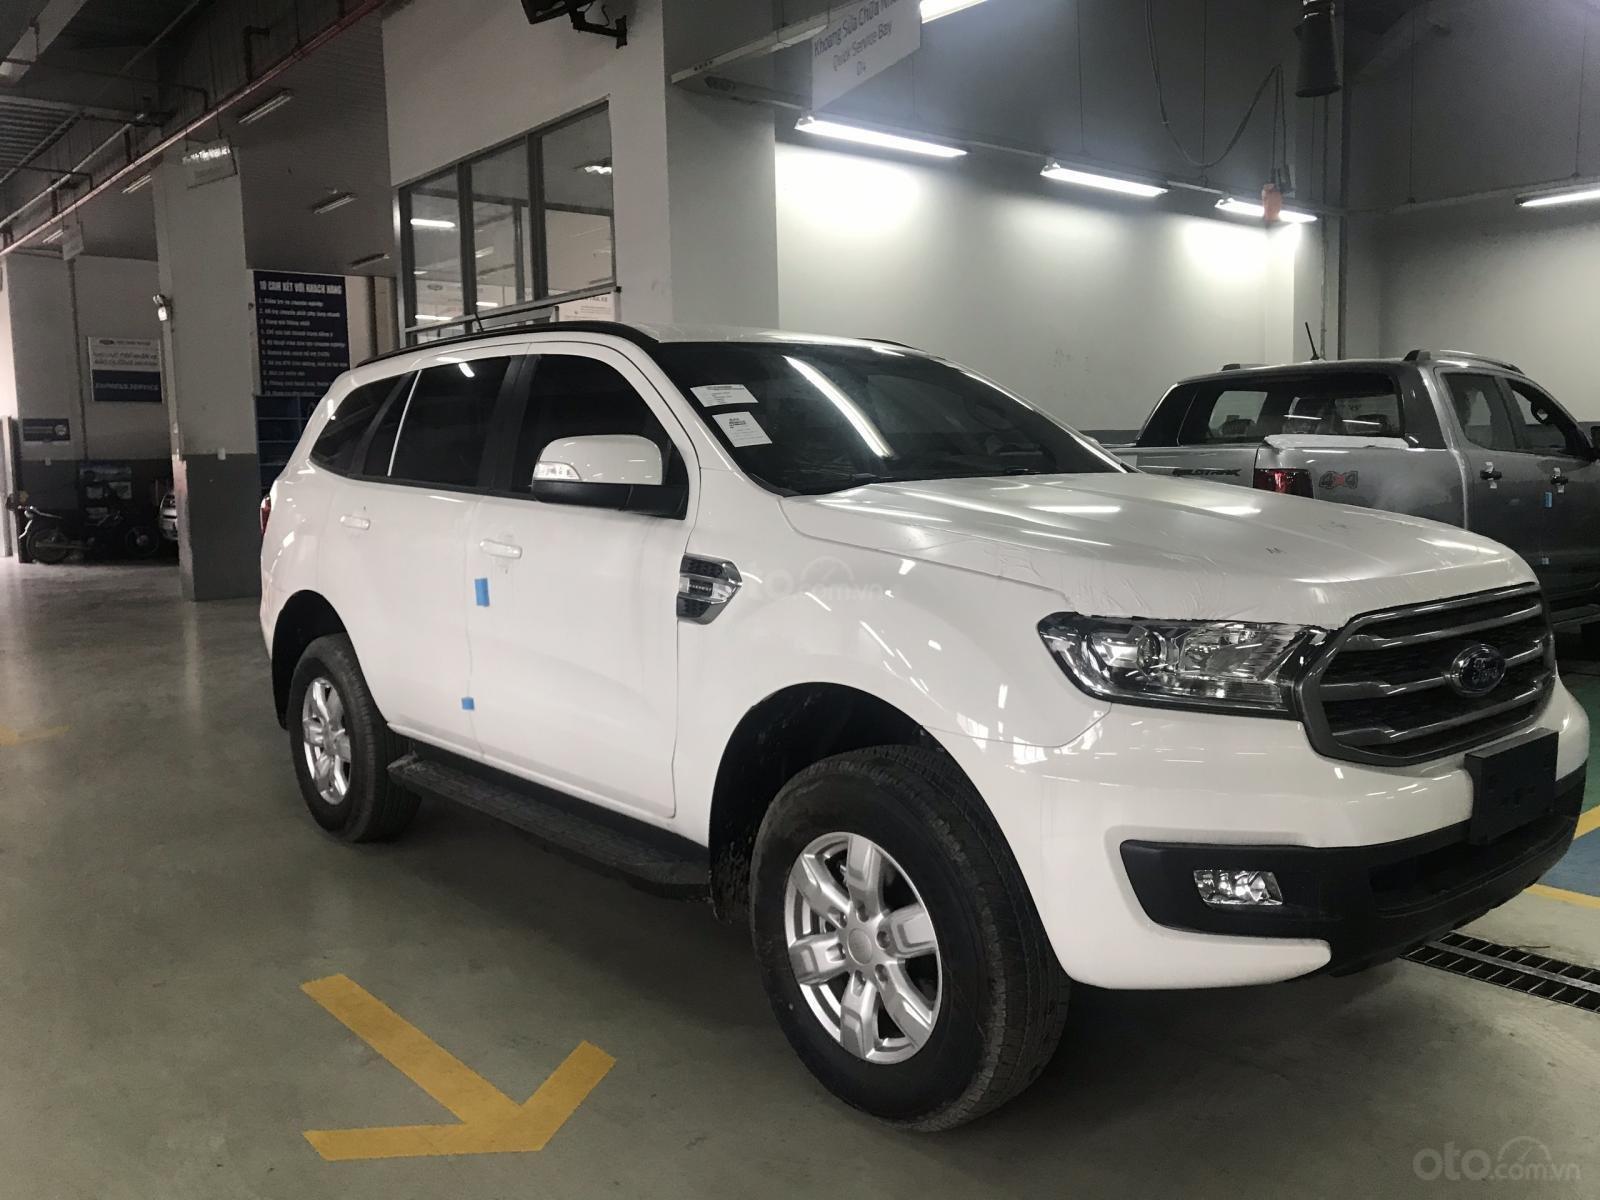 Cần bán Ford Everest đời 2019 xe mới 100%, màu trắng, nhập khẩu nguyên chiếc (2)